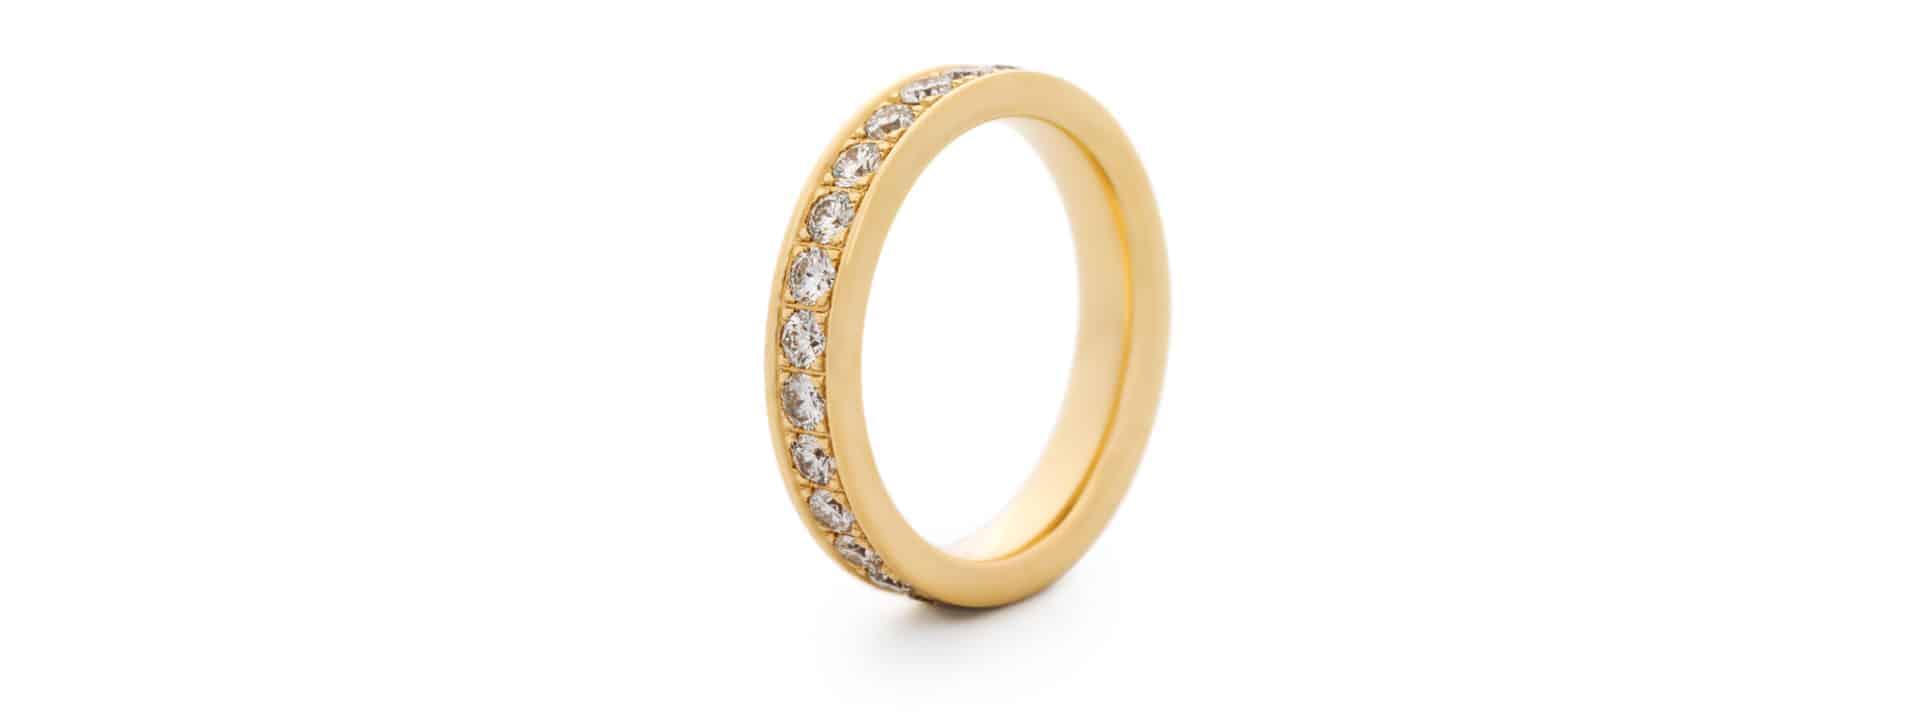 Merkle - Memoire Ringe